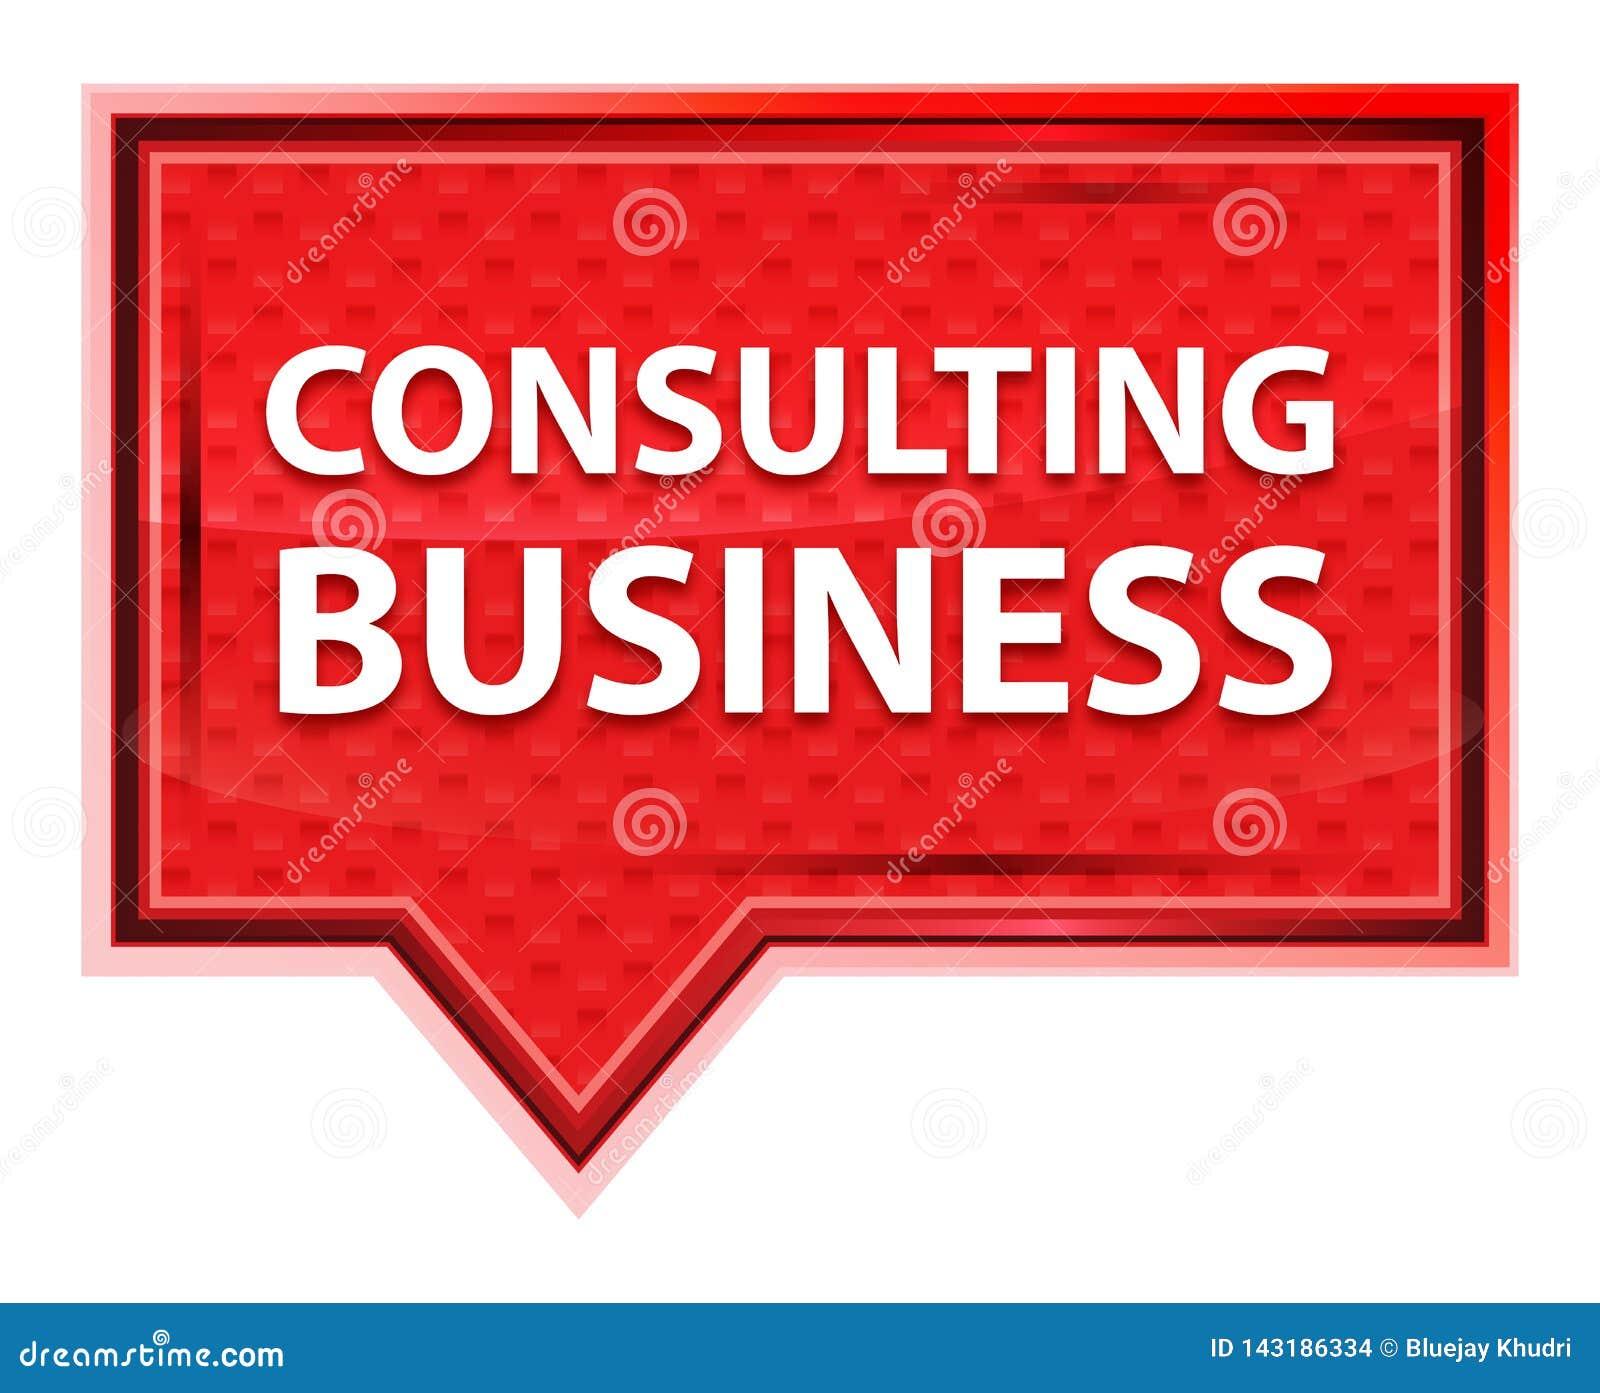 咨询的企业有薄雾的淡粉红色横幅按钮